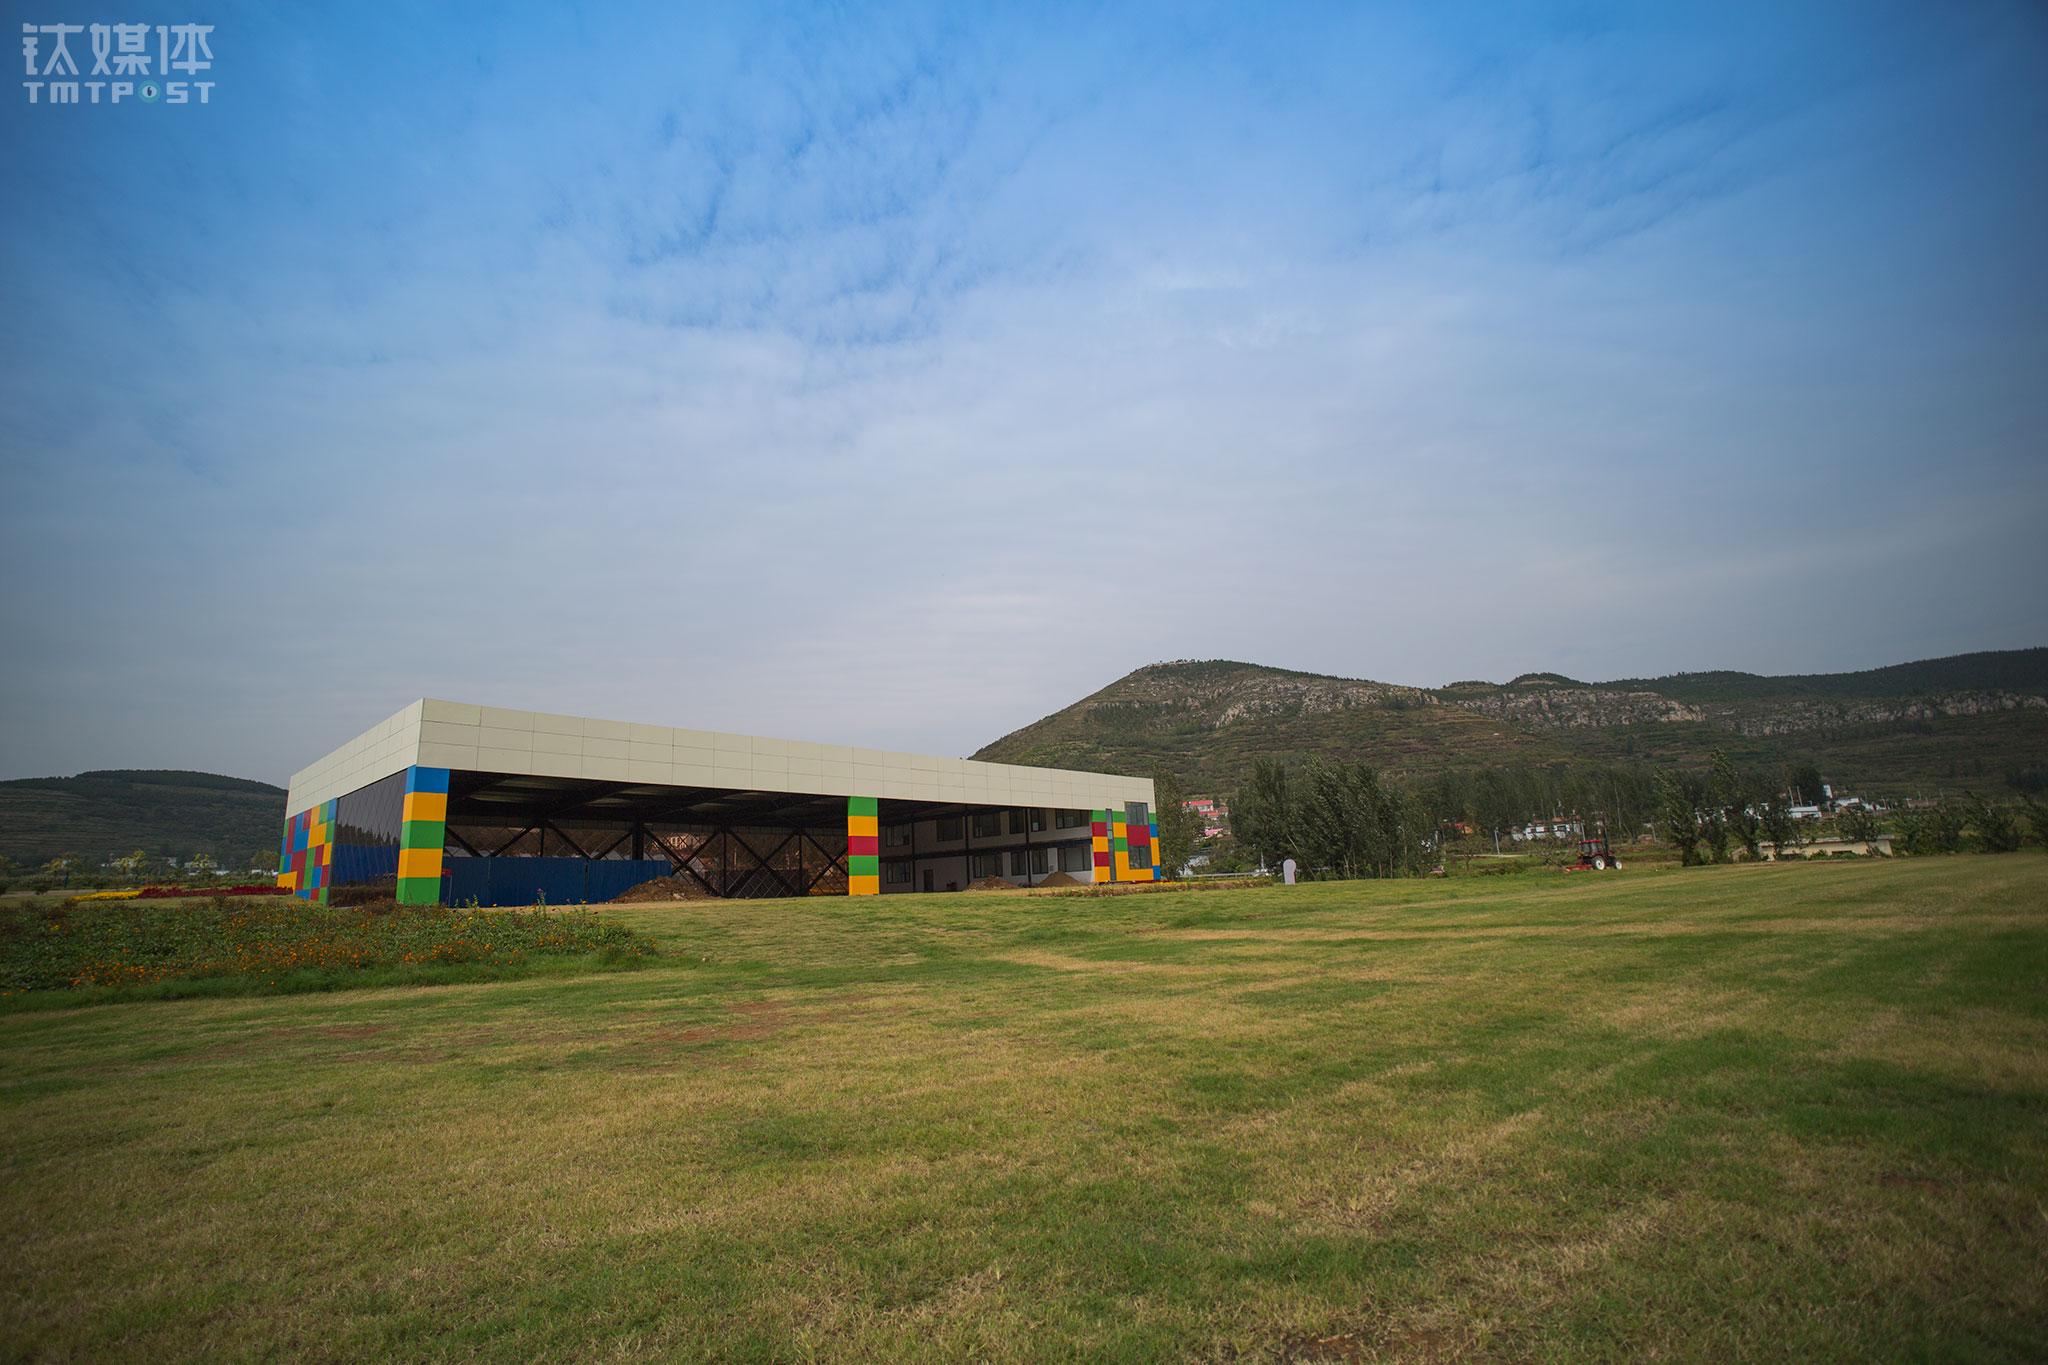 营地正式完工尚需要1个月时间,机库和主跑道都在收尾。这个机库面积1500平米,主跑道长600米宽80米,可以满足营地固定翼飞机、动力伞、动力三角翼等飞行器的起降需求。